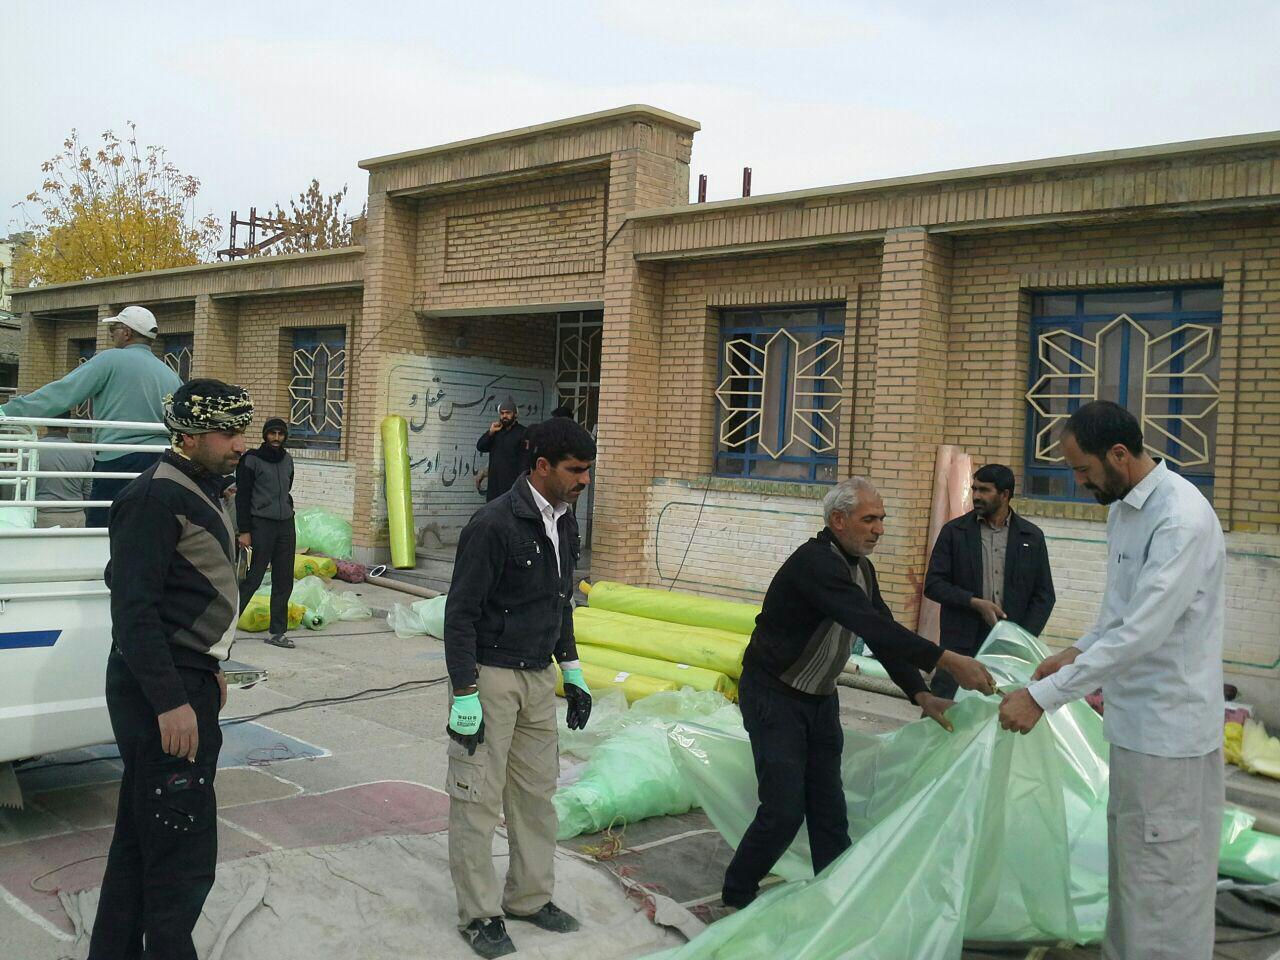 پوشش گلخانه های شهرابریشم  عایق چادرهای مناطق زلزله زده کرمانشاه شد